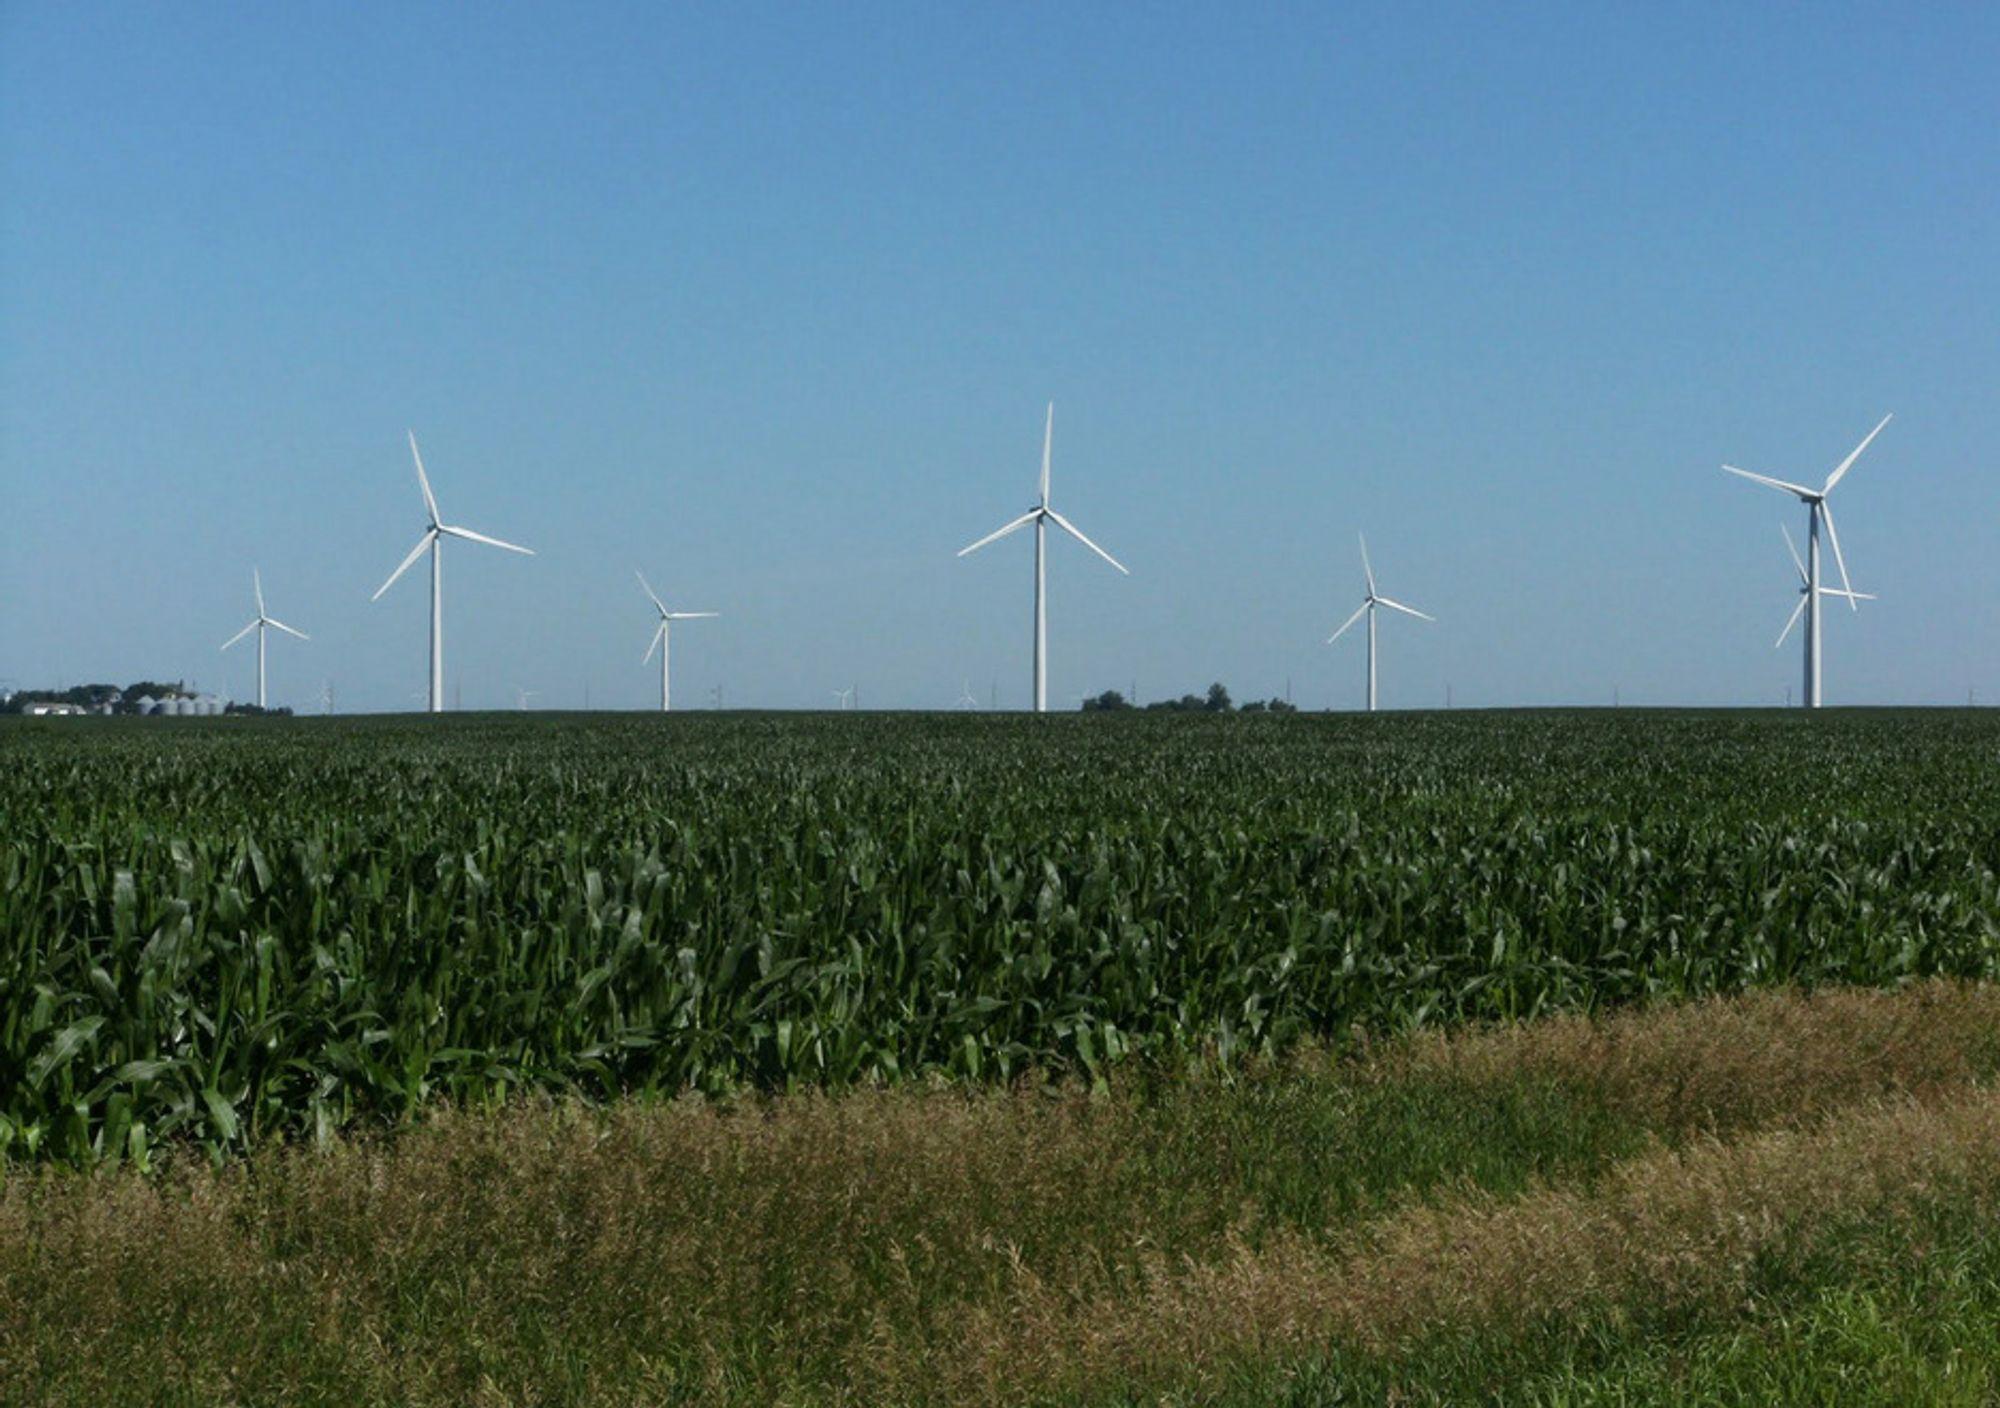 Fra denne vindparken i Iowa kjøper Google 114 MW i 20 år fremover.